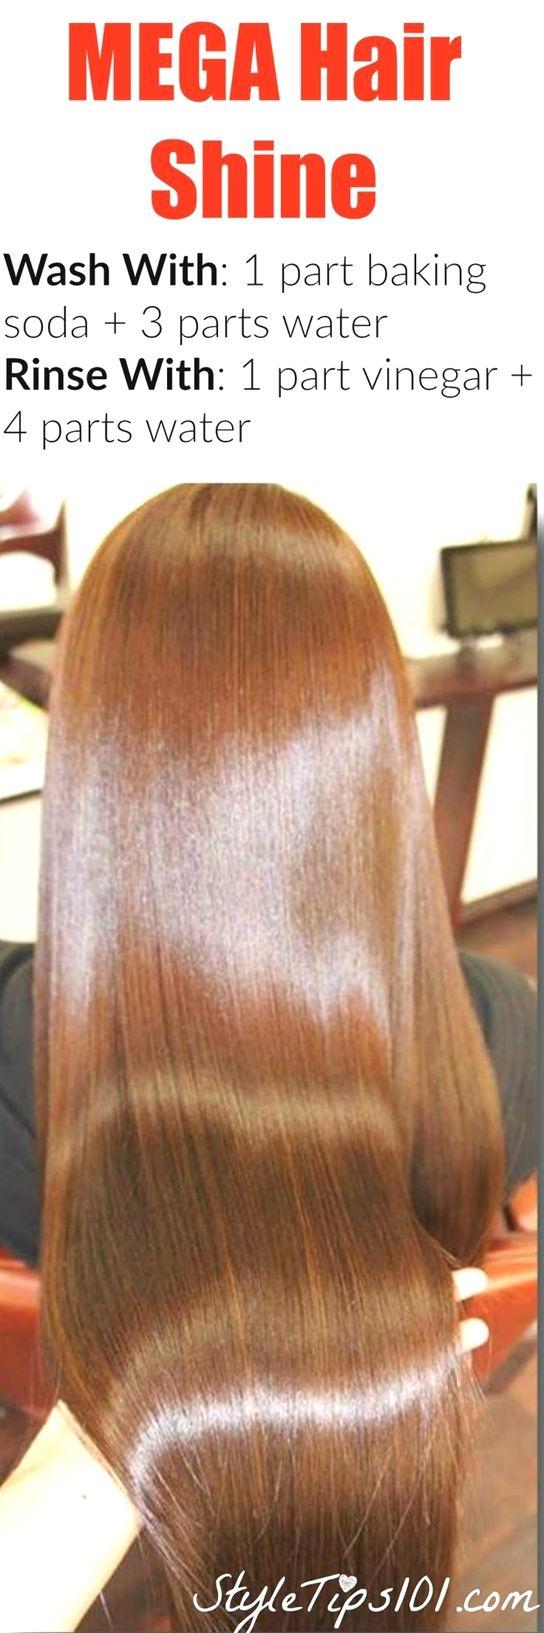 #hair and beauty box,  #hair culture and beauty edison nj 08817,  sally #hair an…